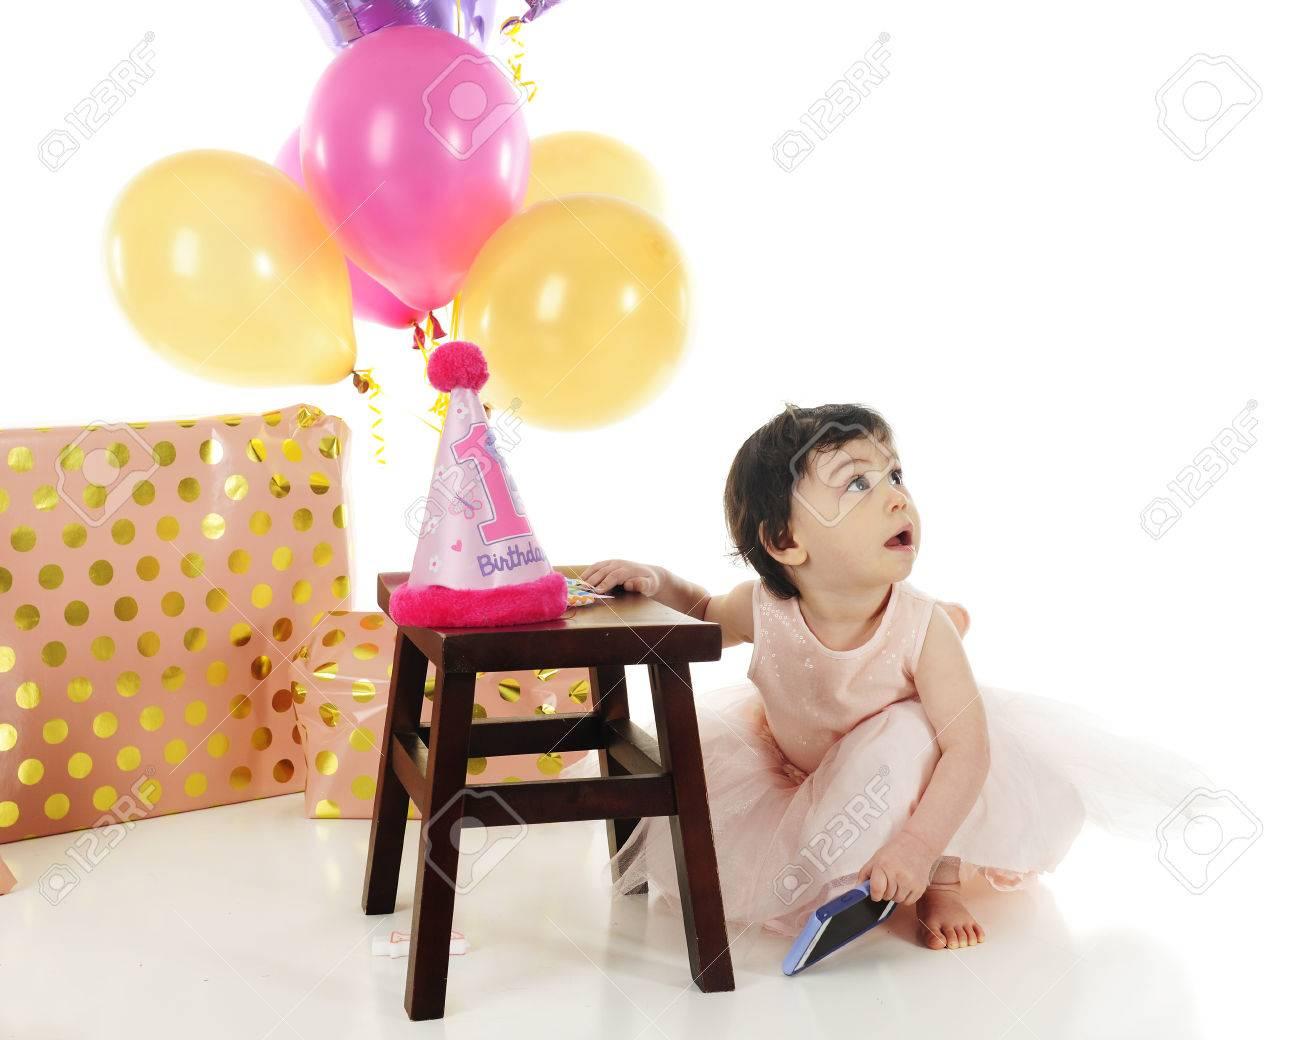 Ein Entzückendes Baby Auf Ihrem Ersten Geburtstag. Sie Hat Hockt In ...